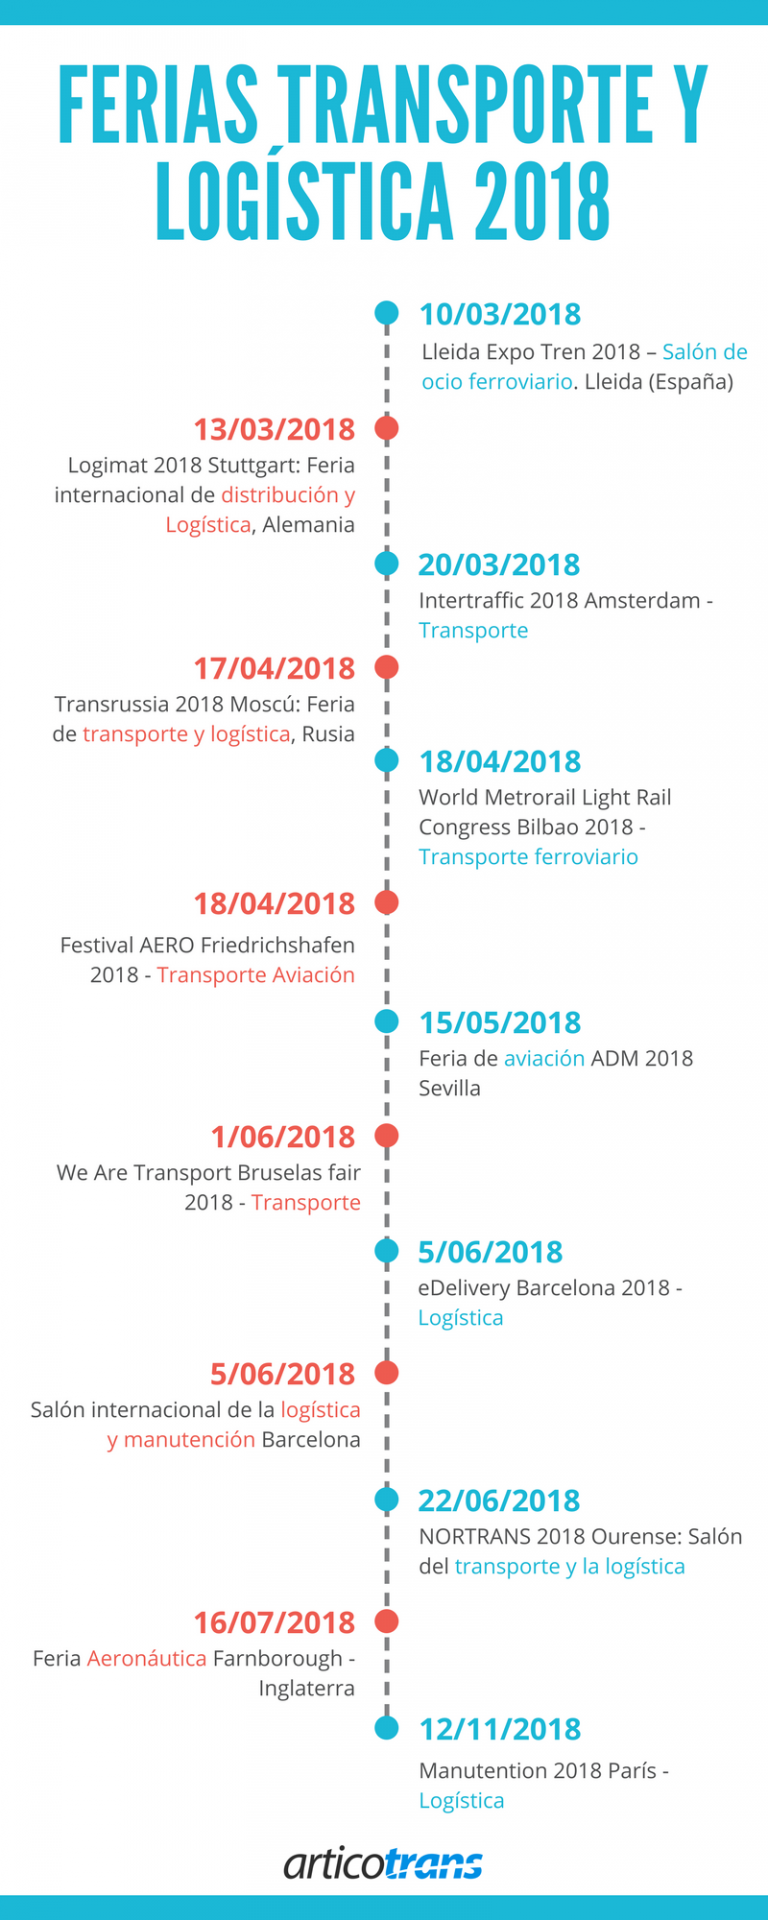 Ferias de Transporte y Logística en Europa en 2018